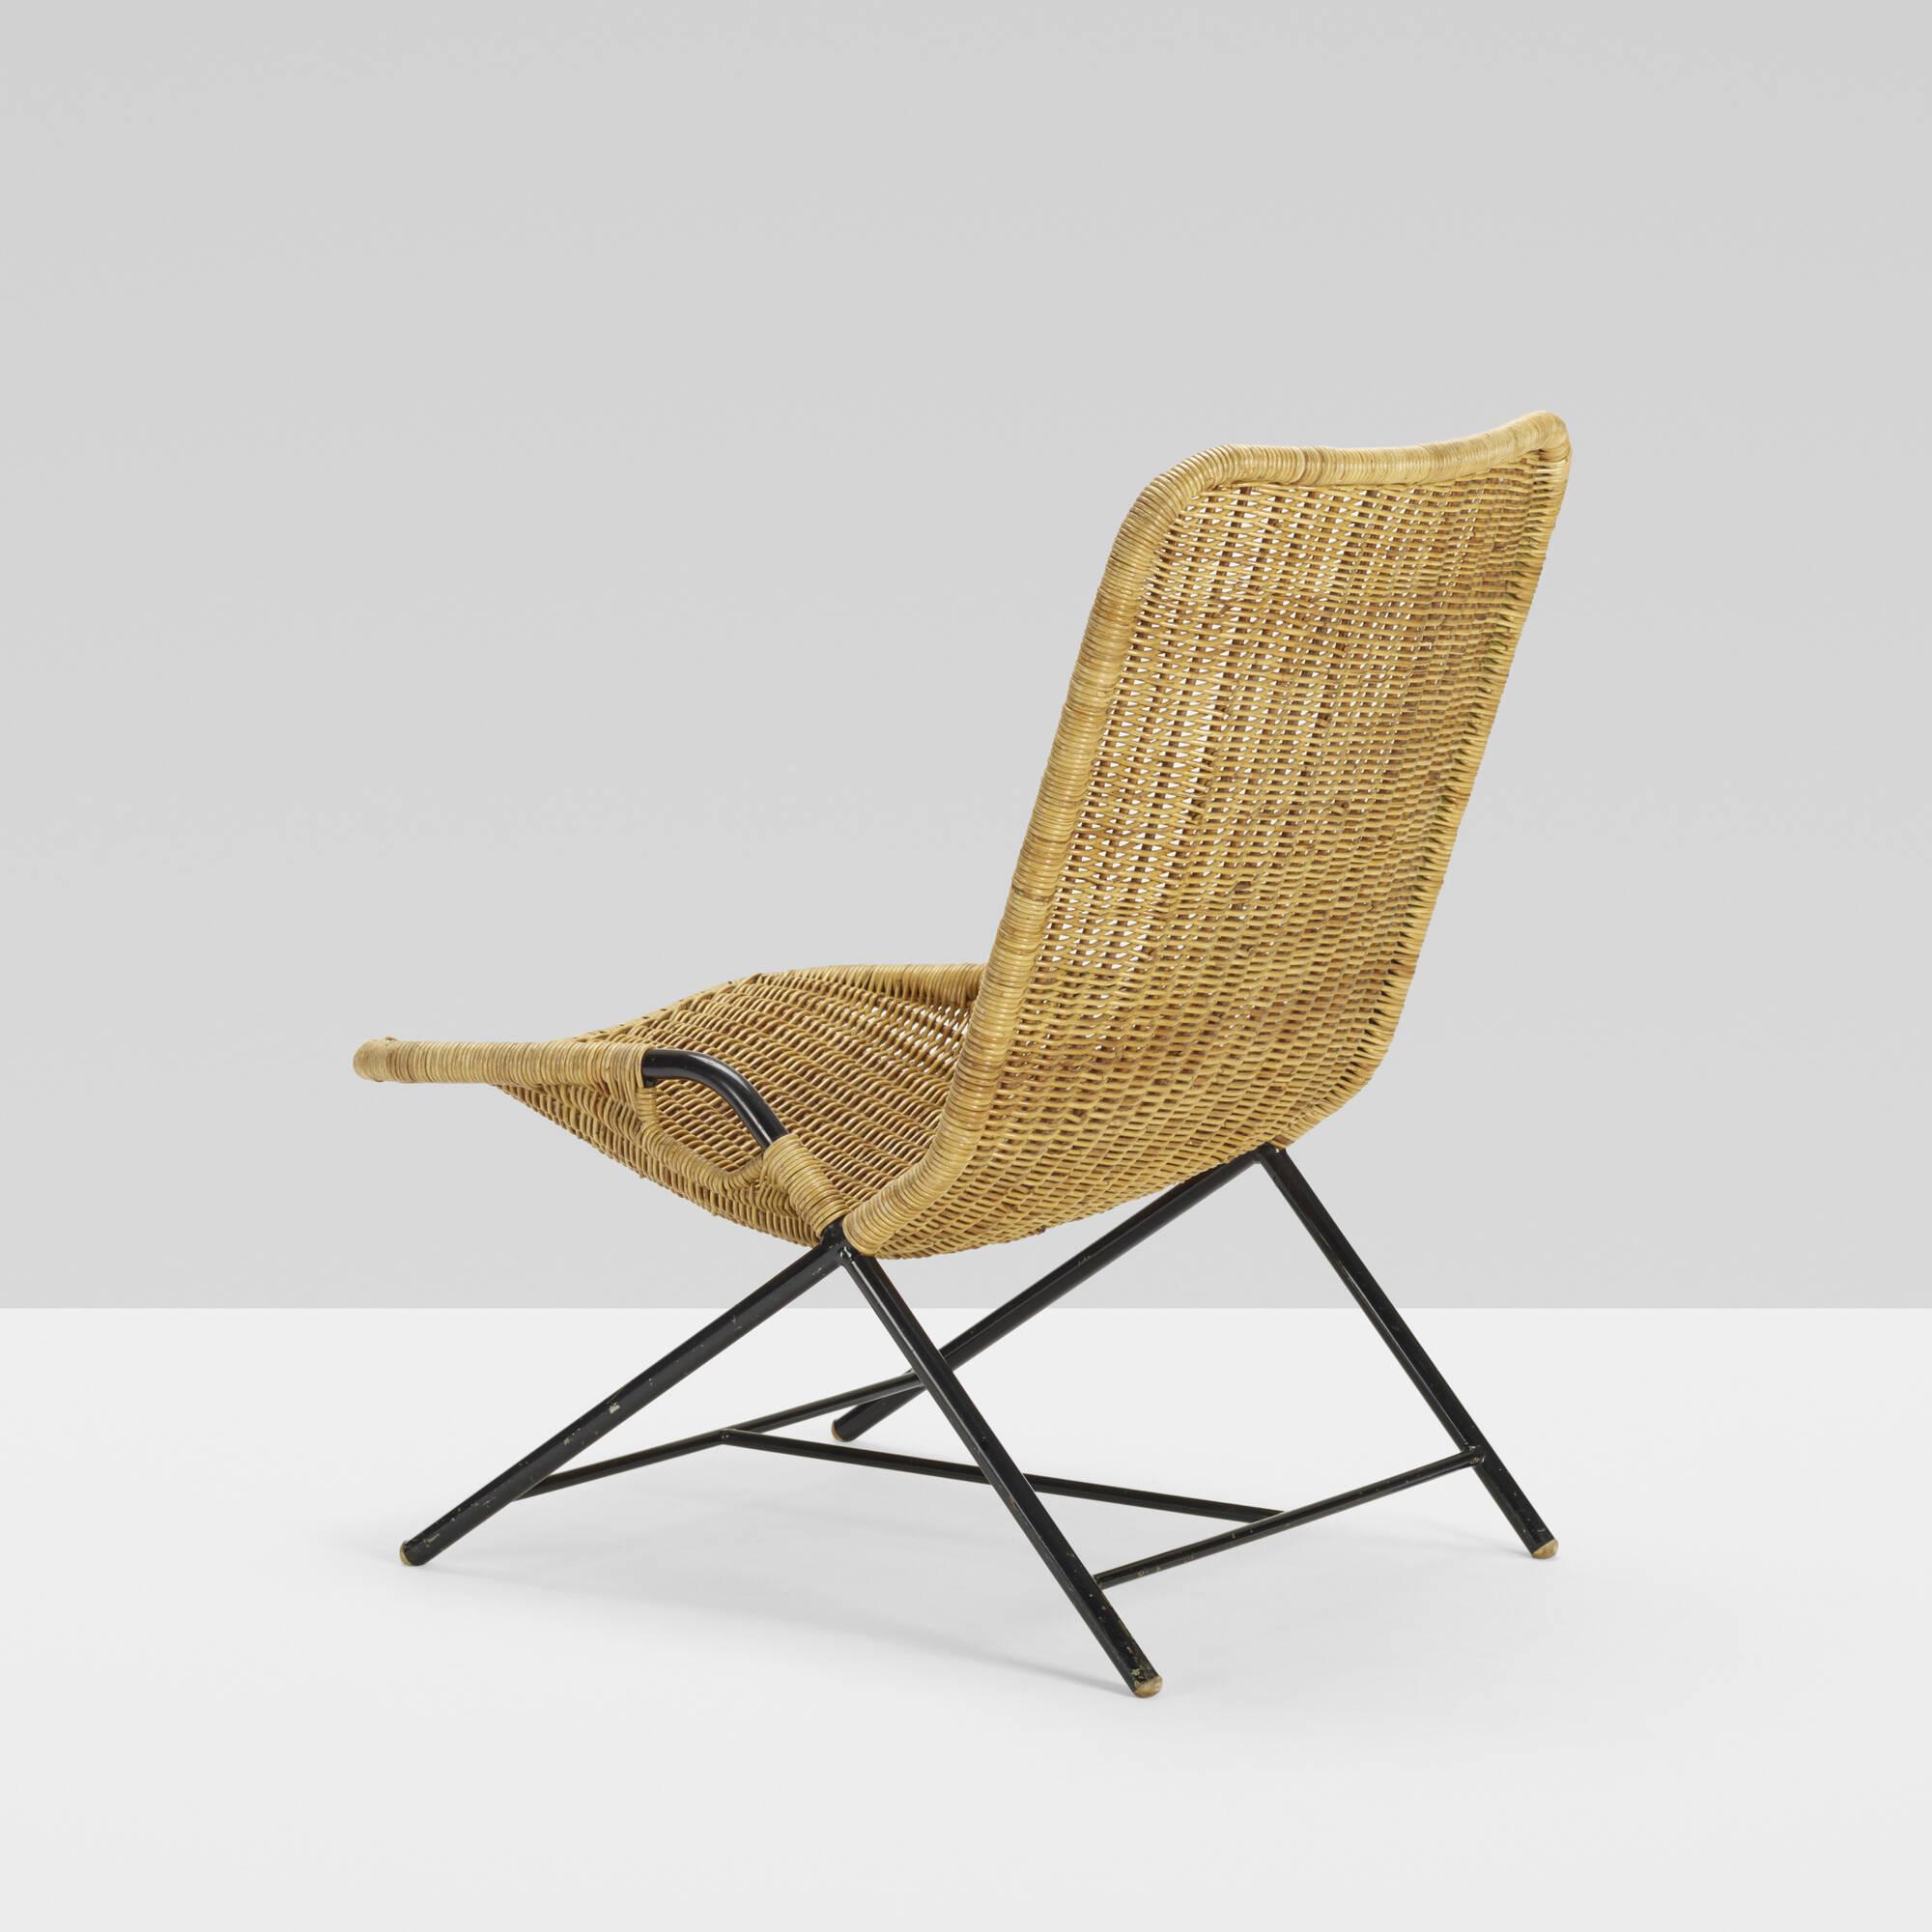 384: Dirk van Sliedregt / lounge chair, model 587 (2 of 3)